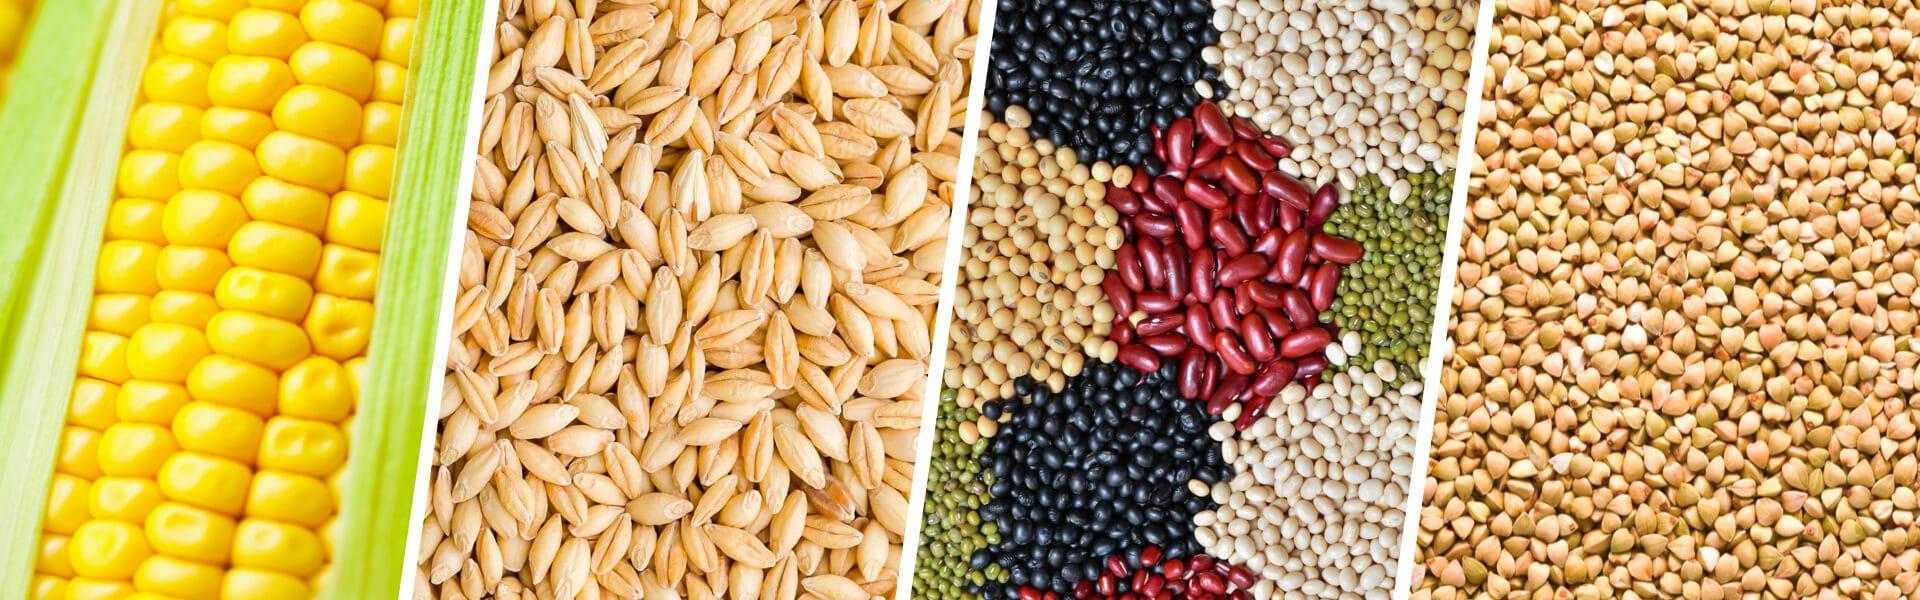 frutos que generan bioetanol